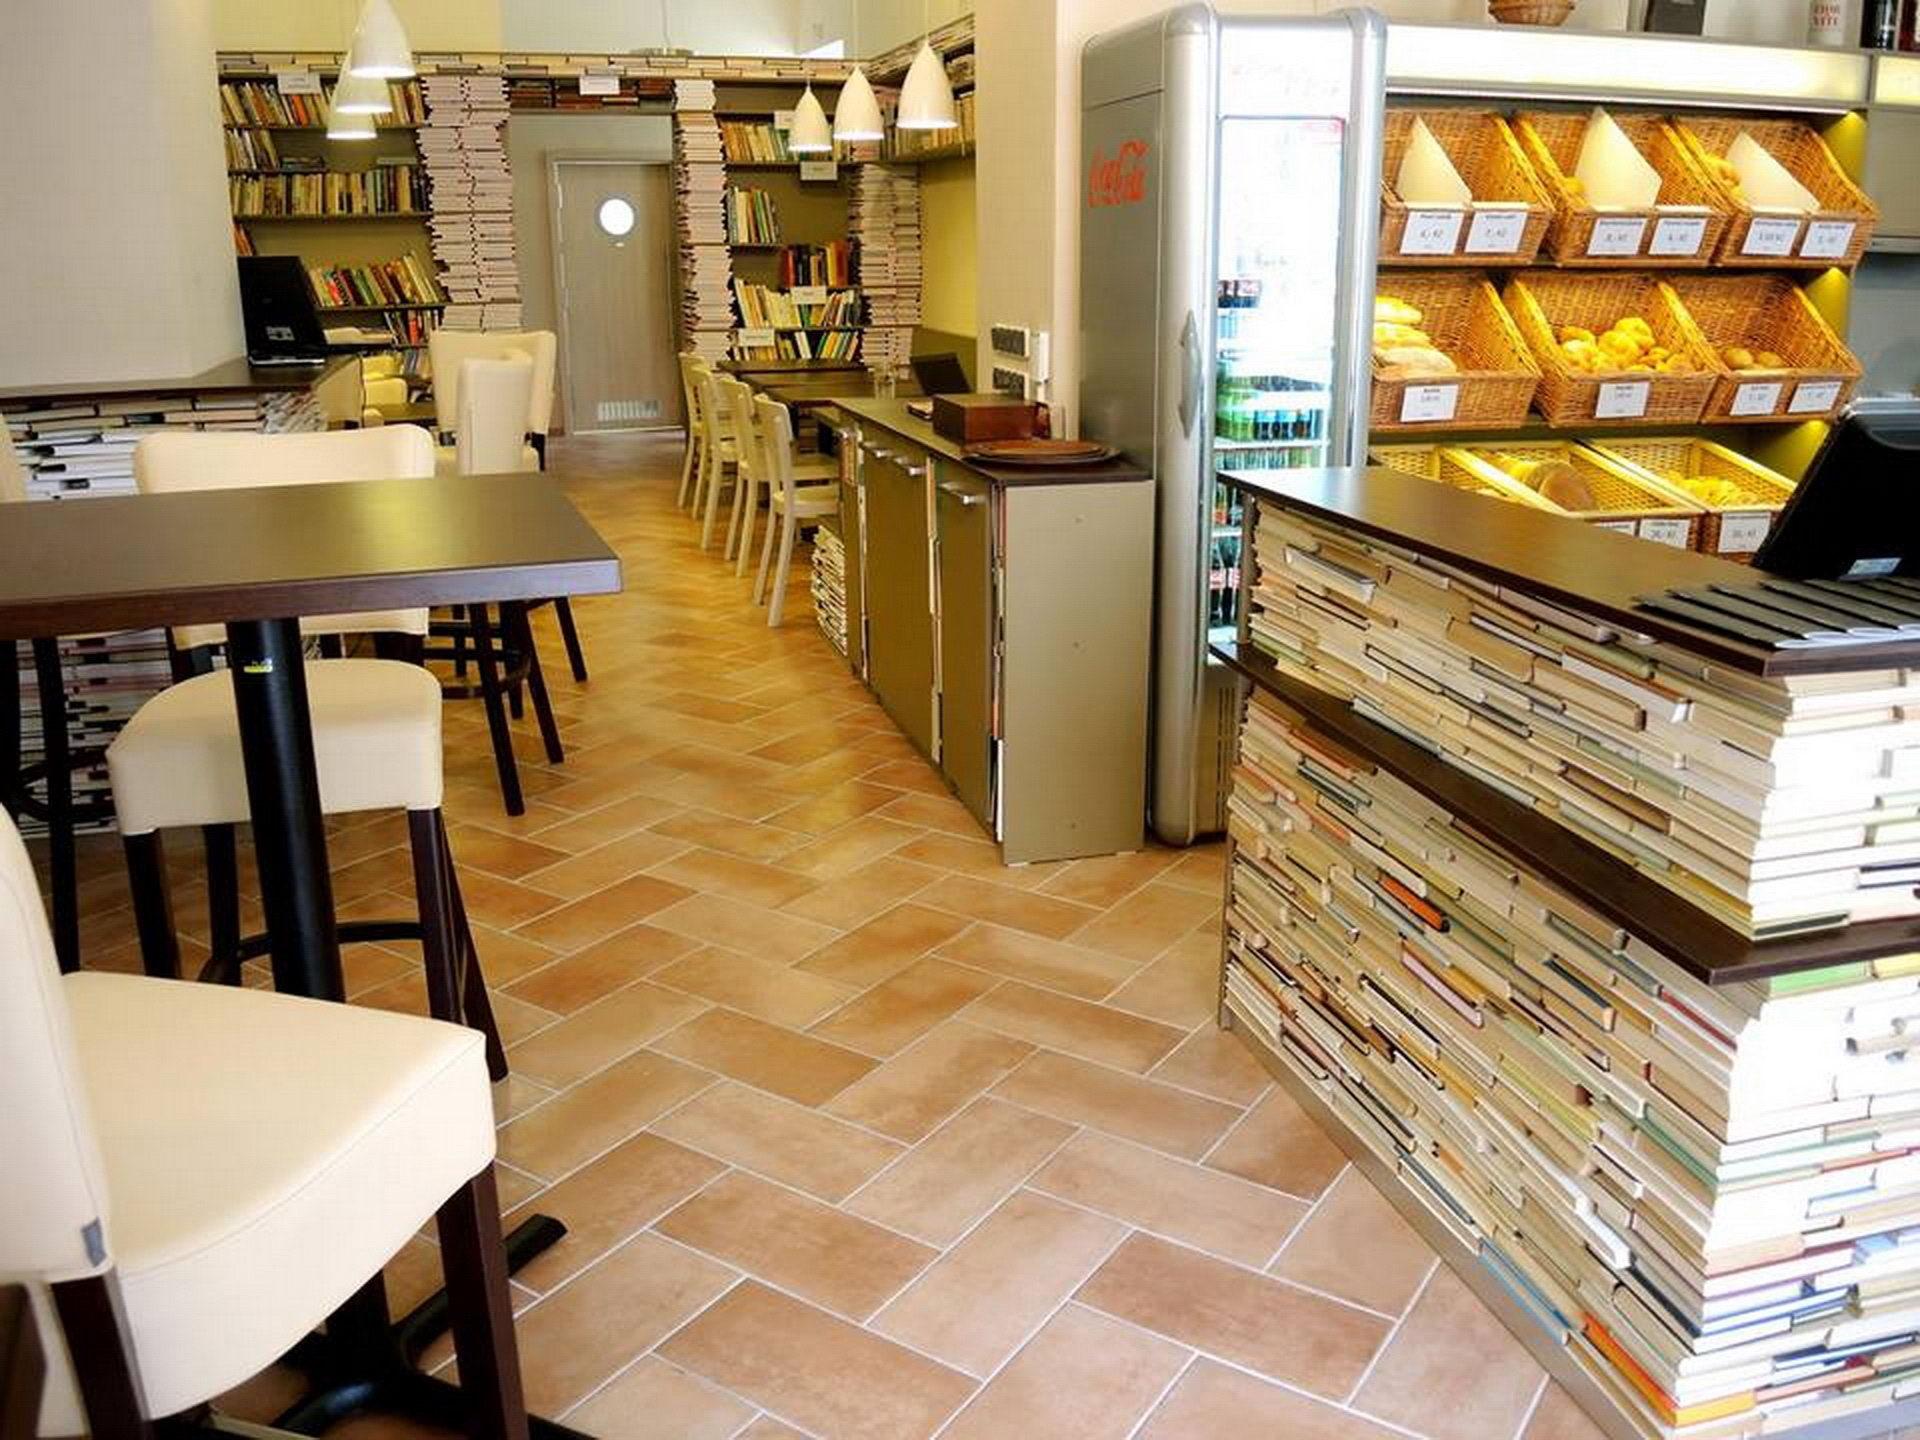 Bezprahová kavárna 2